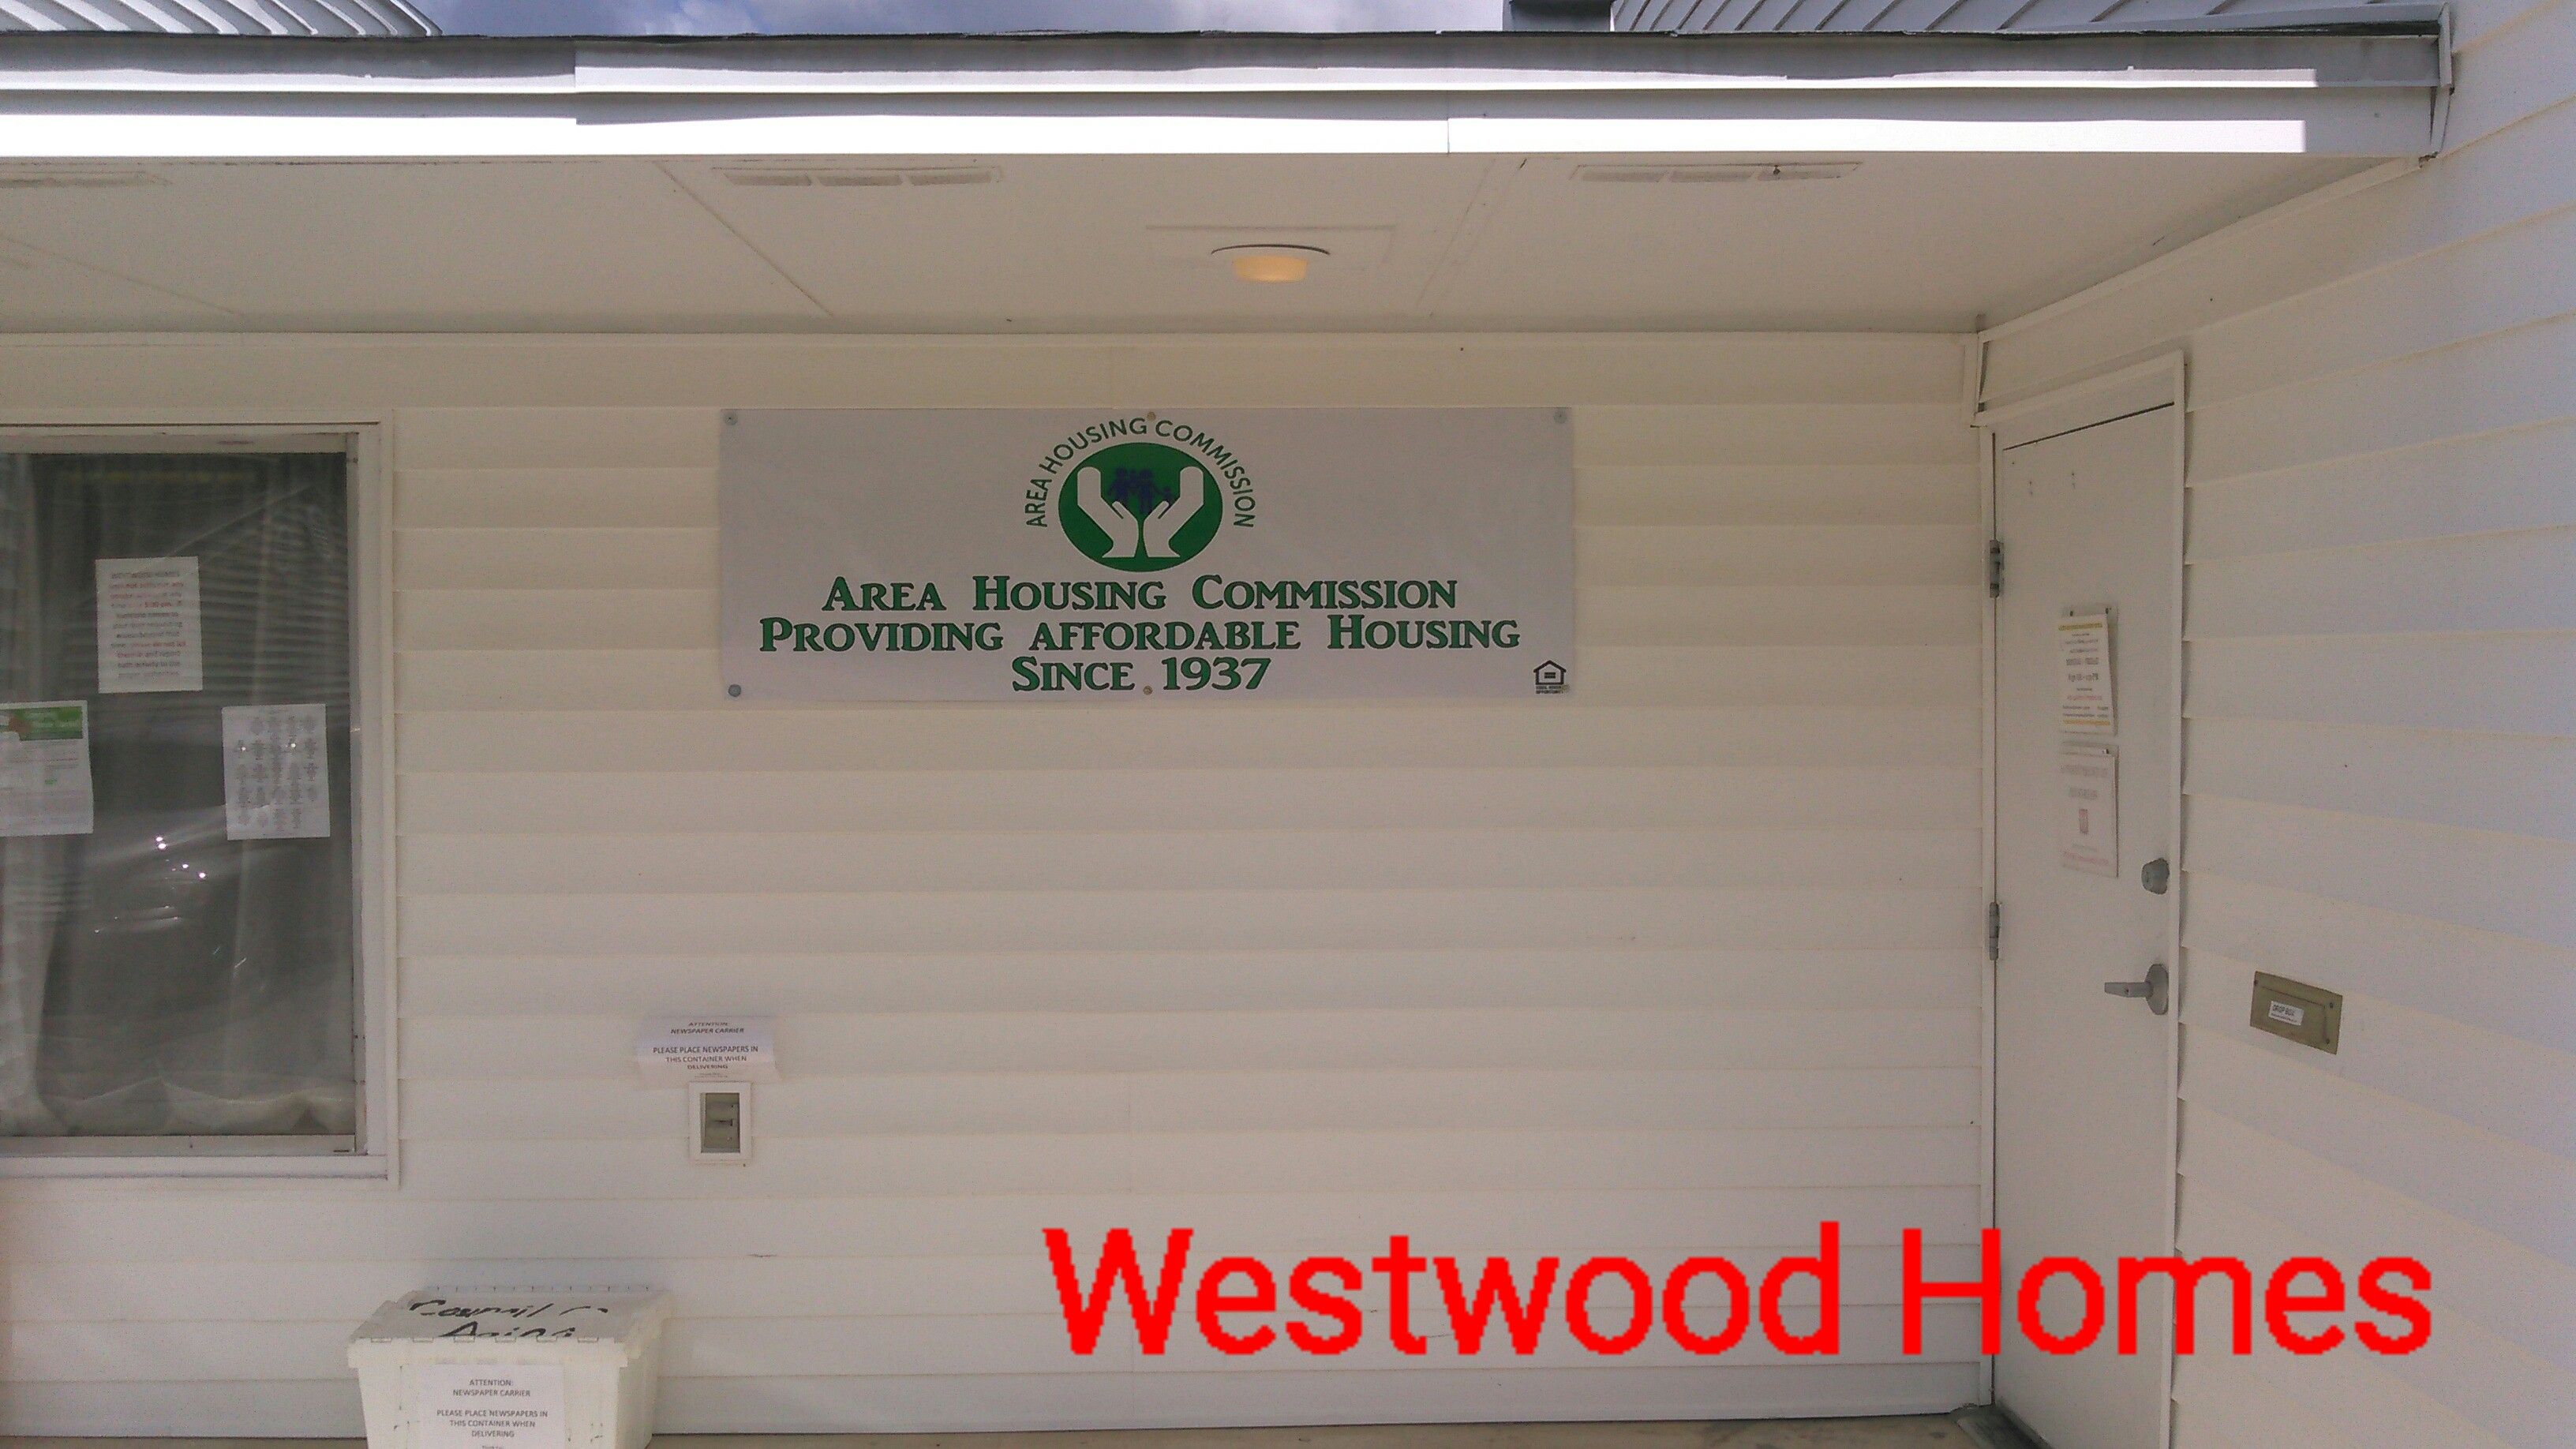 Westwood Homes